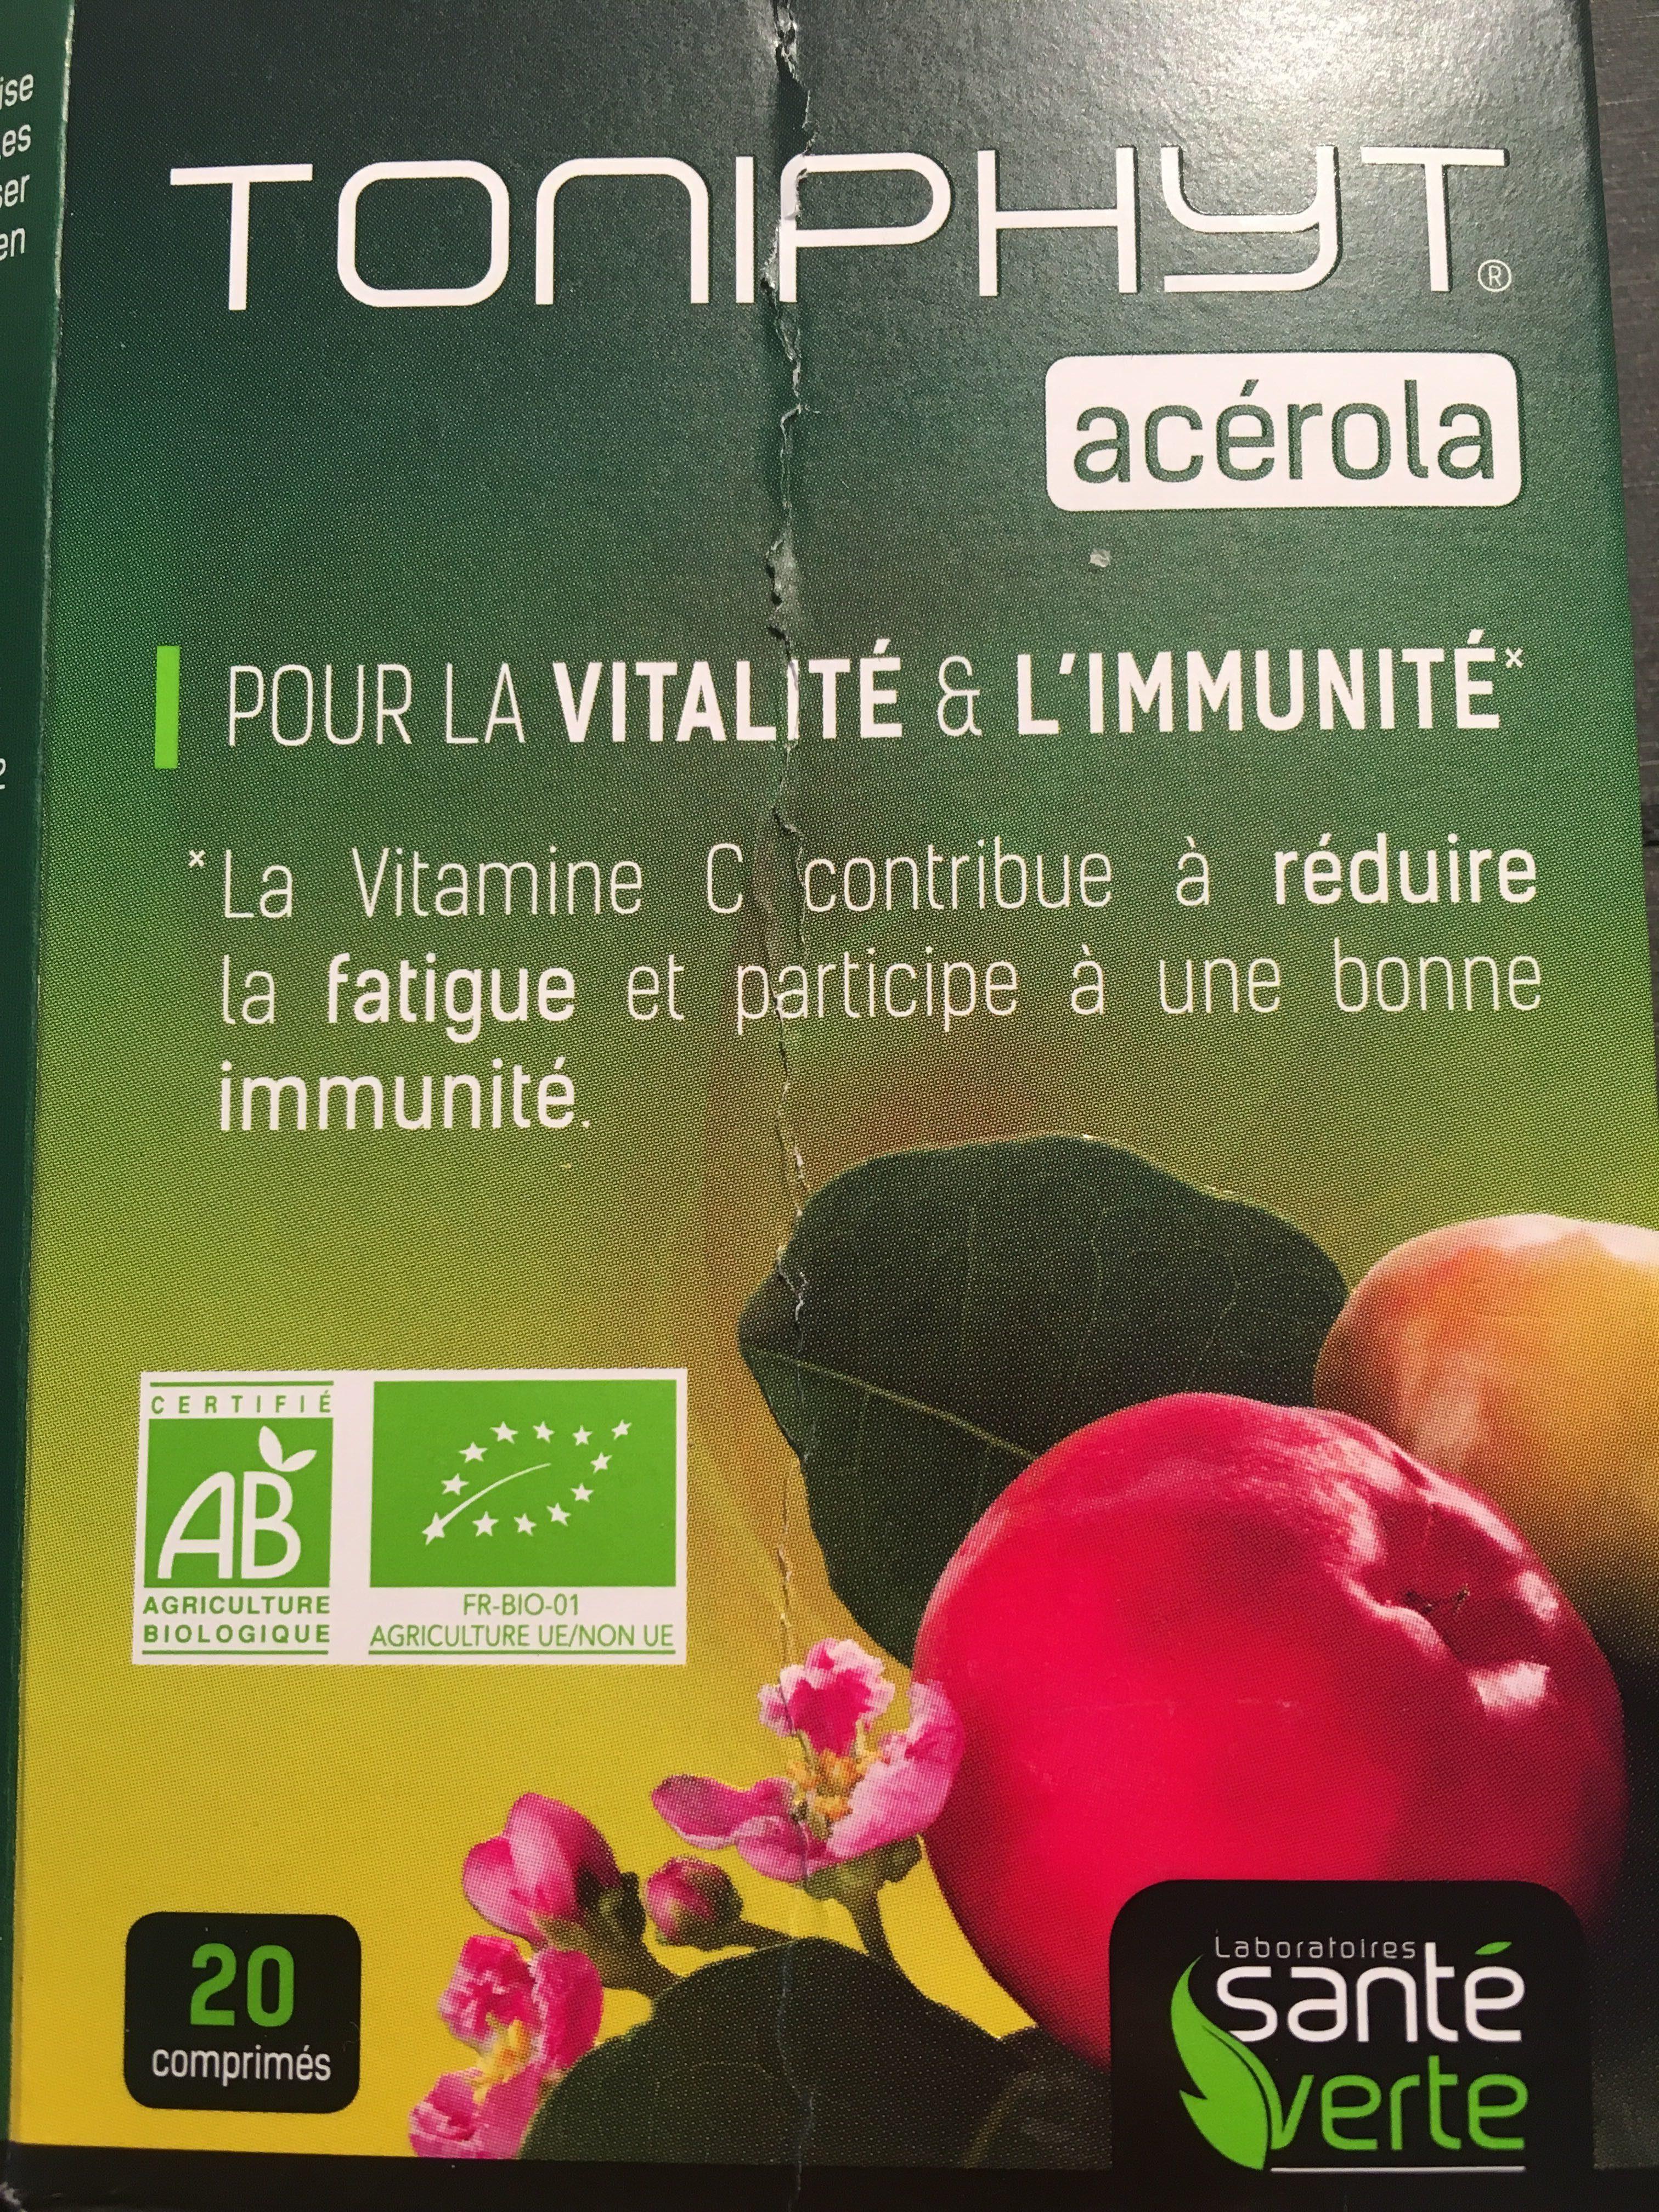 Santé Verte Toniphyt Acérola. BT - Produit - en